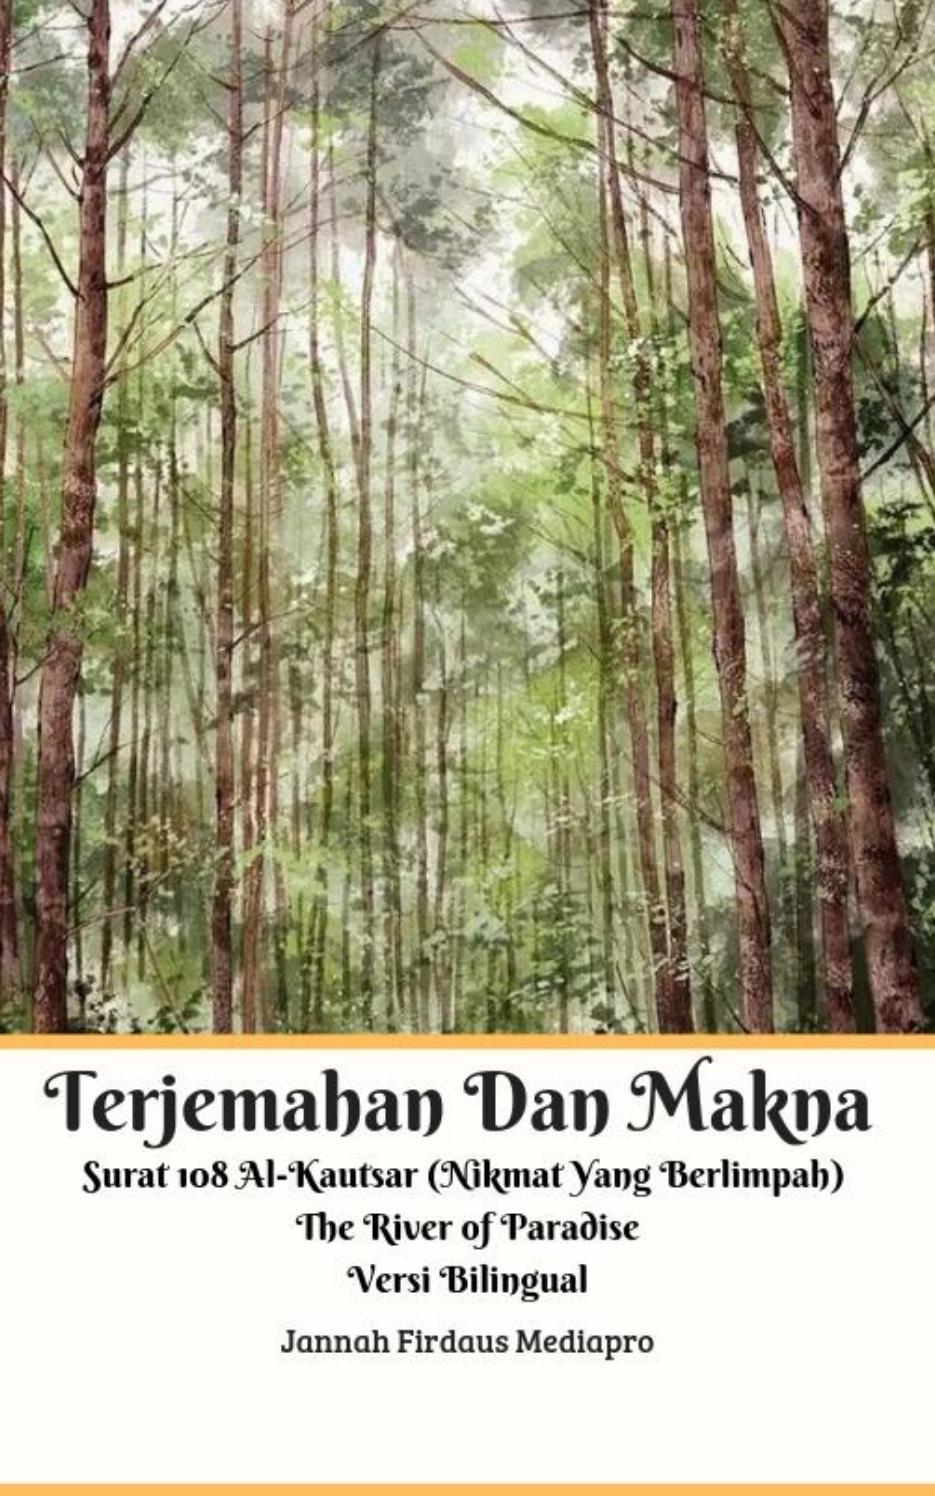 Terjemahan Dan Makna Surat 108 Al Kautsar Nikmat Yang